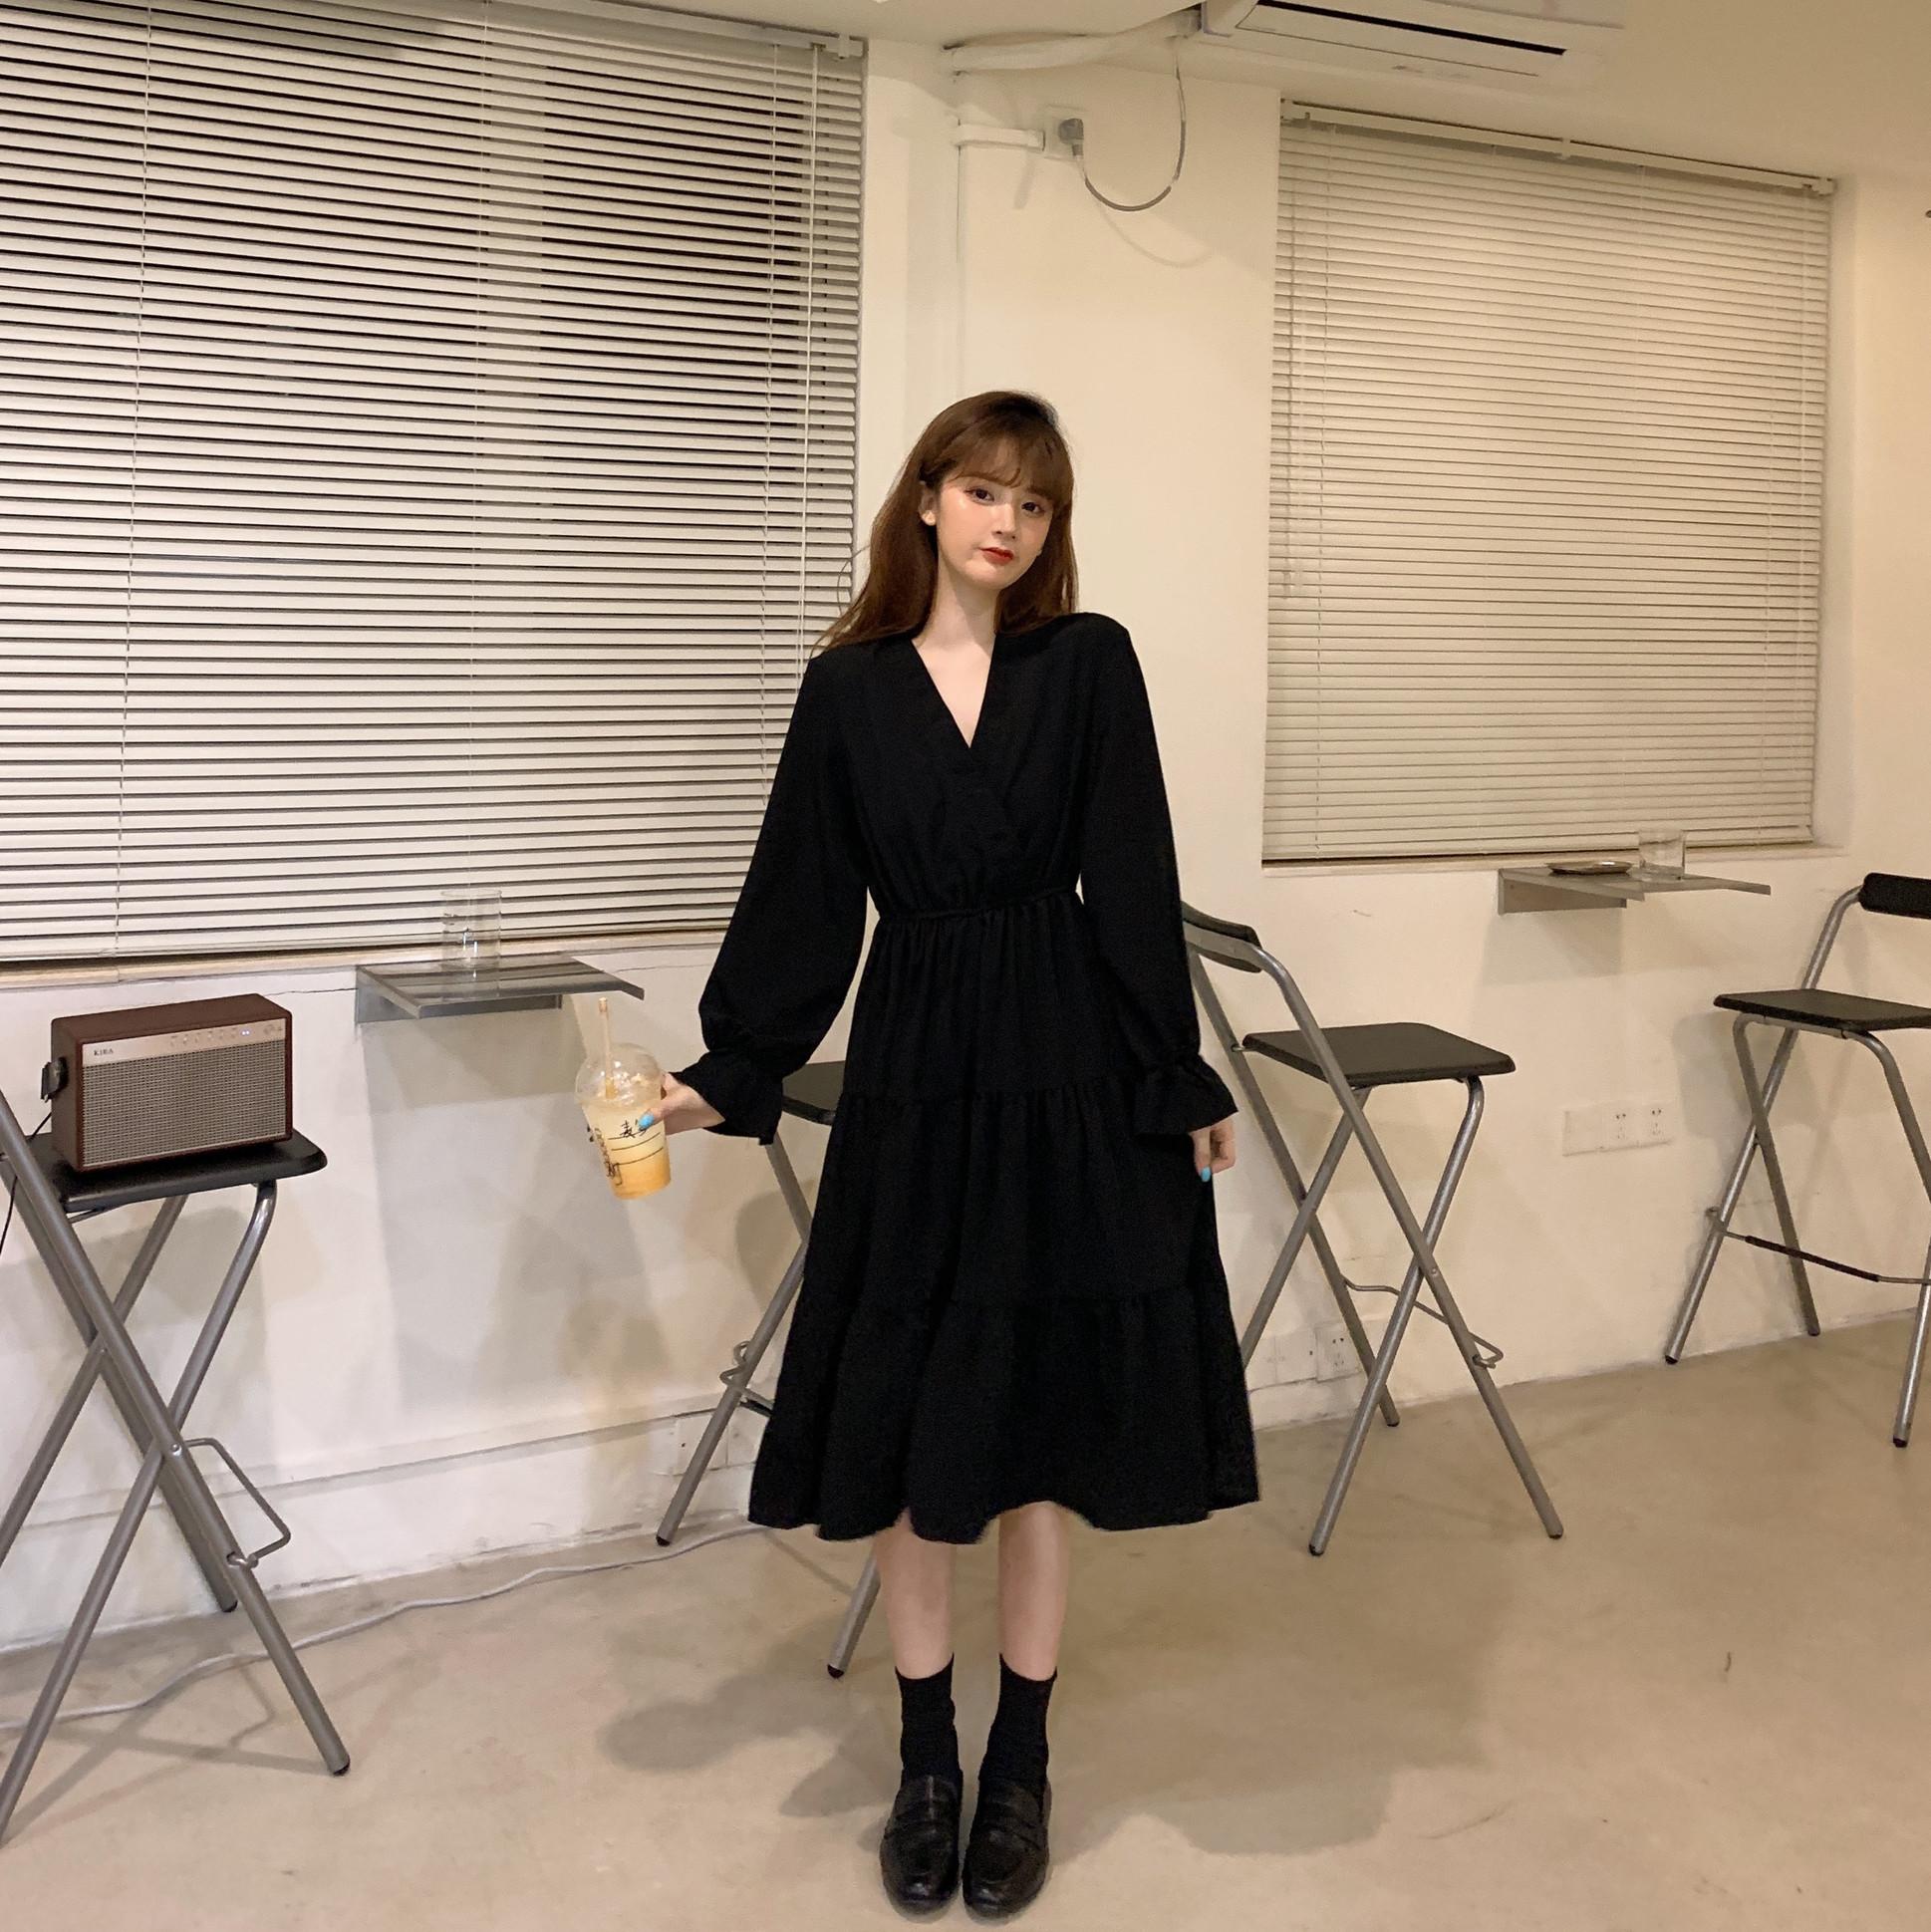 大码女装胖mm新款洋气显瘦遮肚减龄连衣裙v领赫本风裙子秋季黑色图片